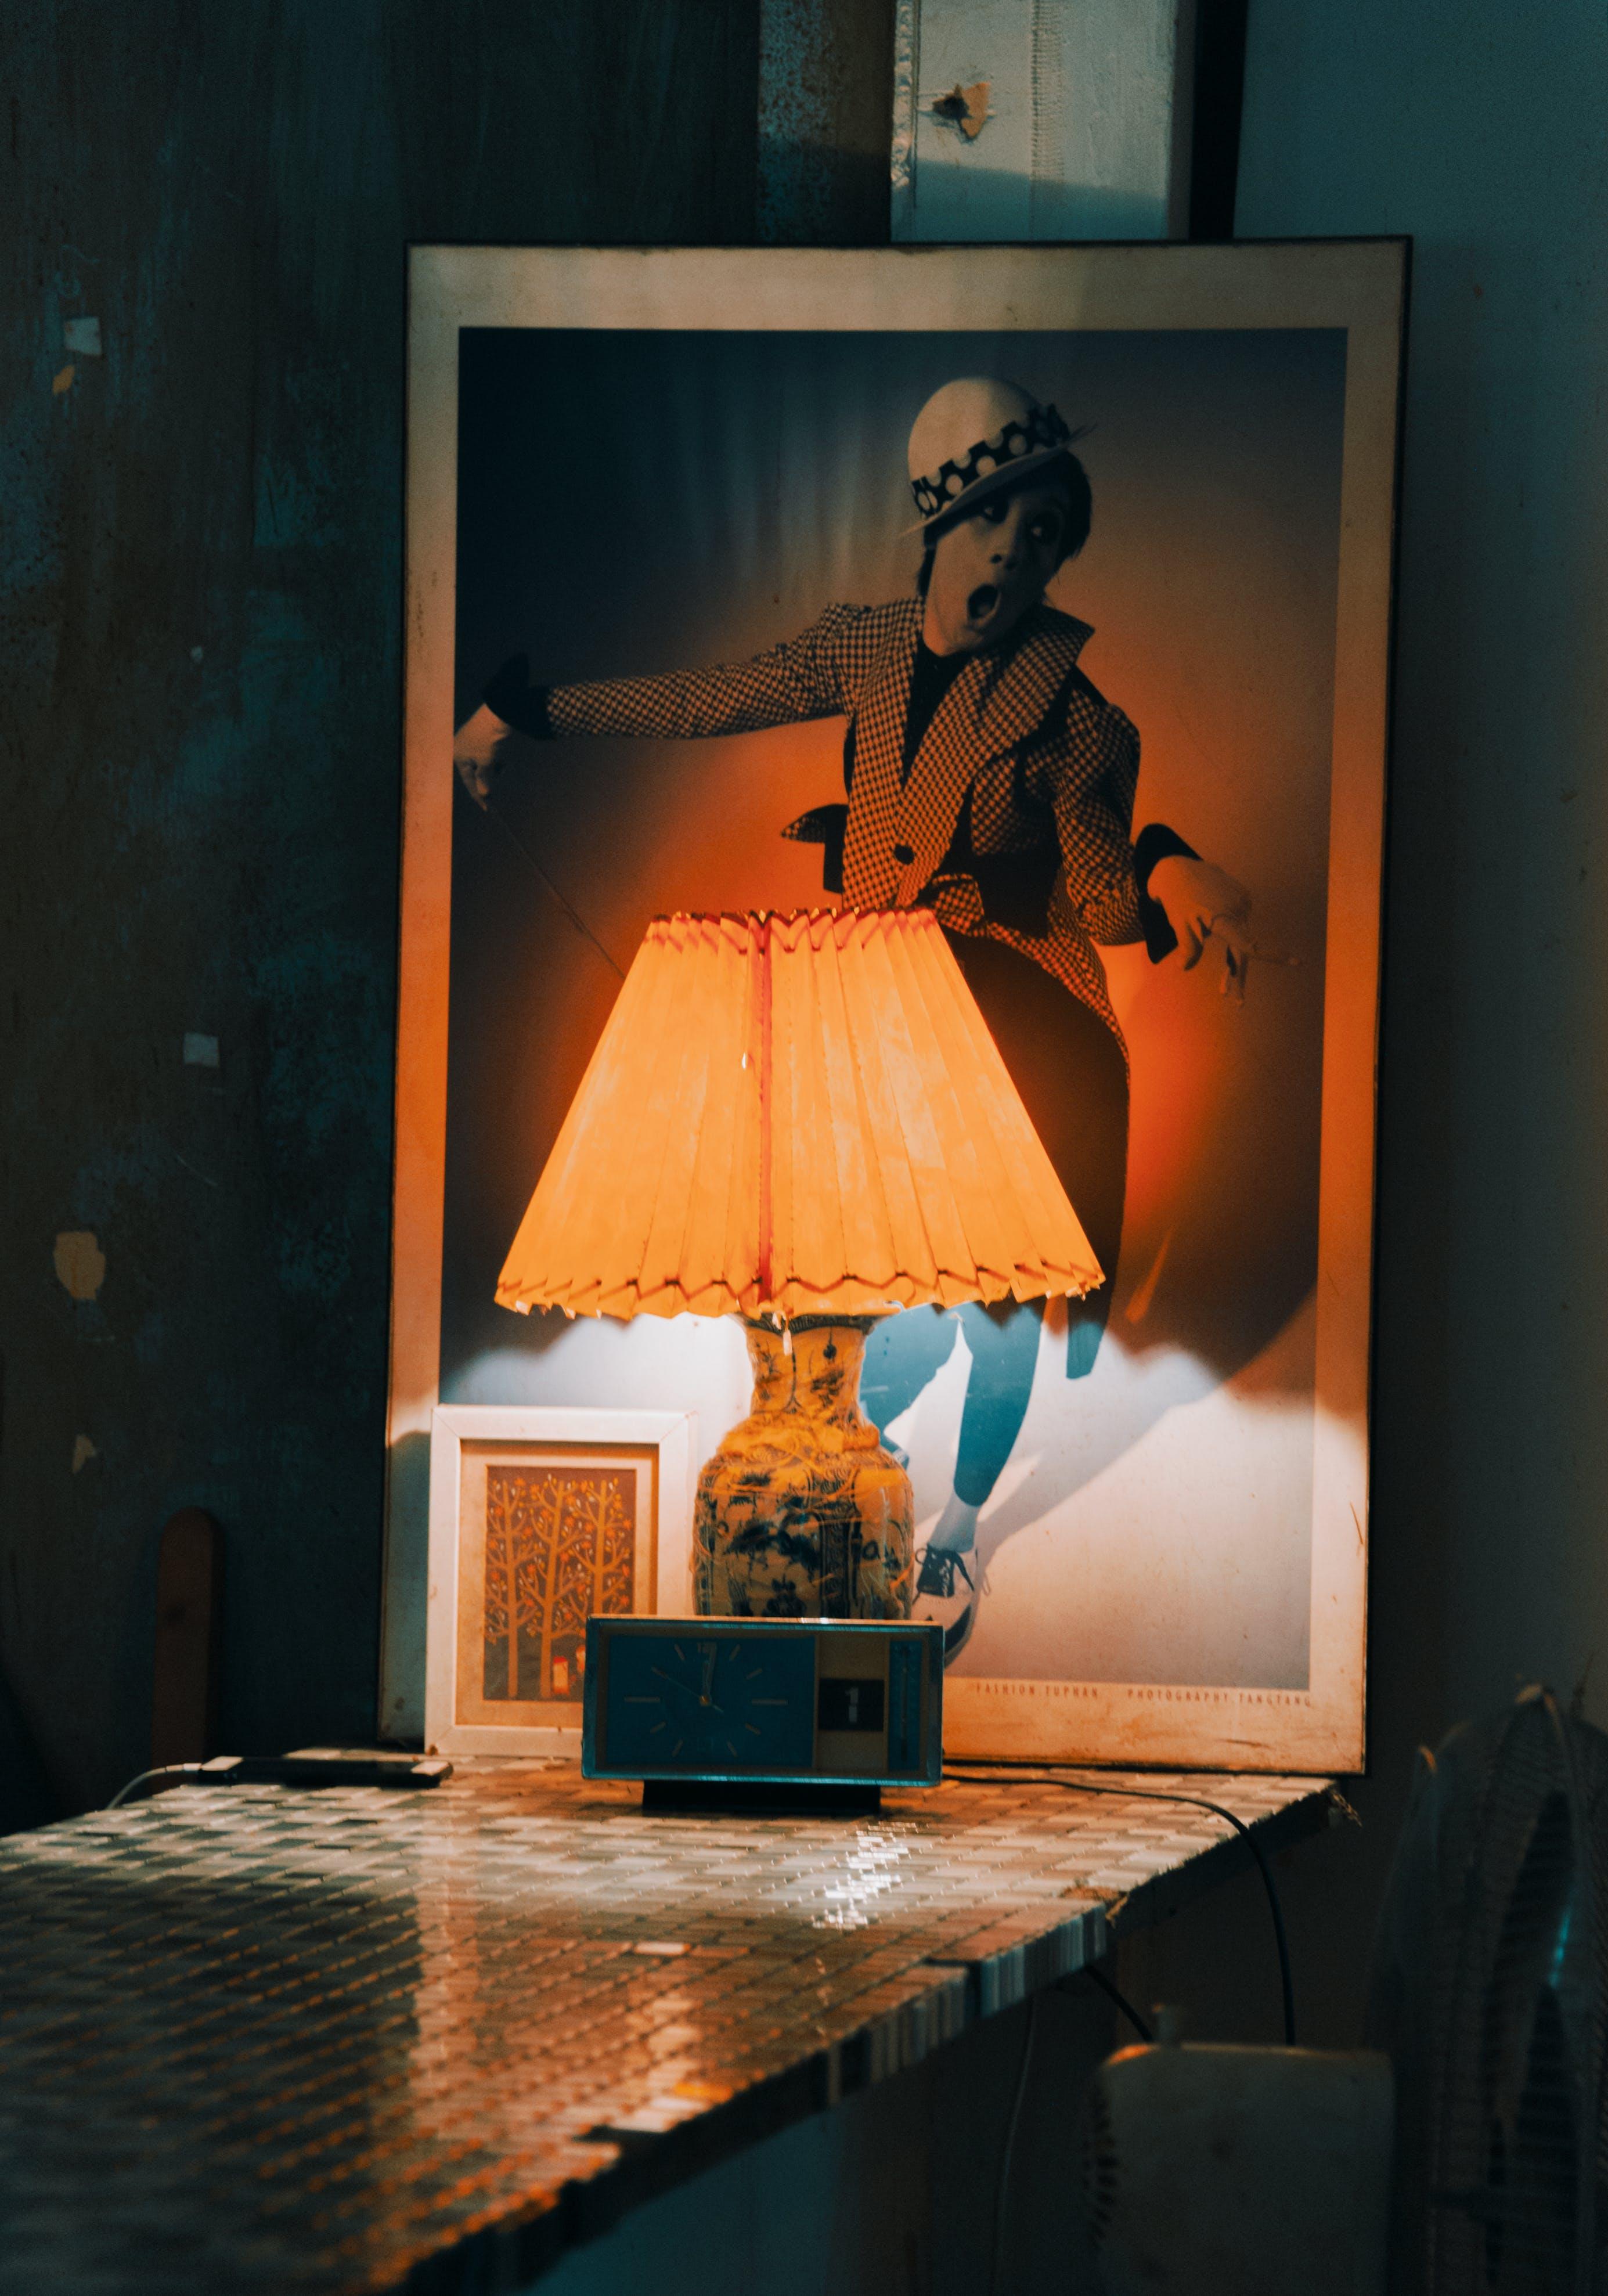 Lamp Near Frame On Table